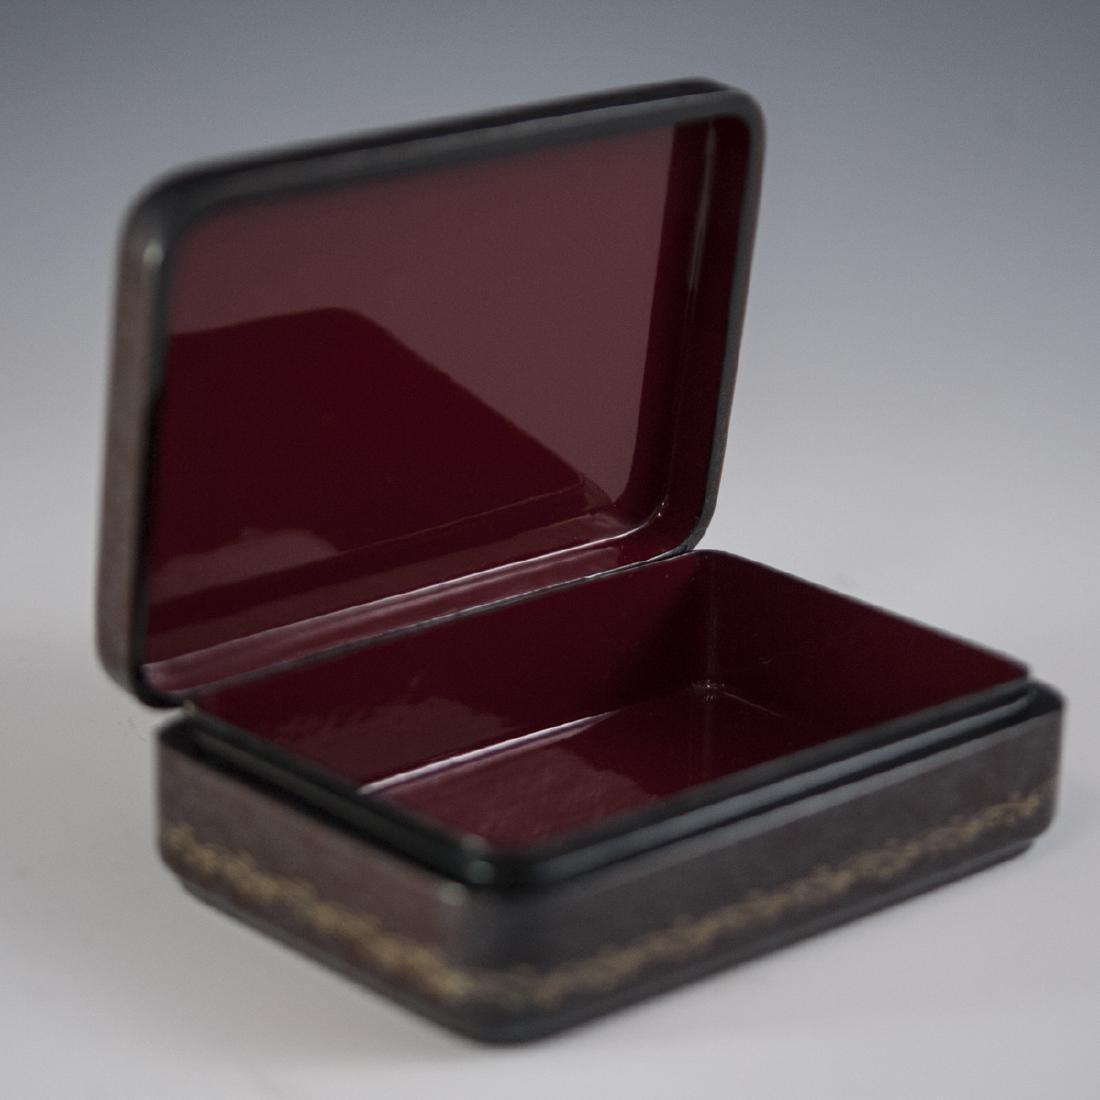 Russian Lacquered Papier Mache Erotic Box - 3